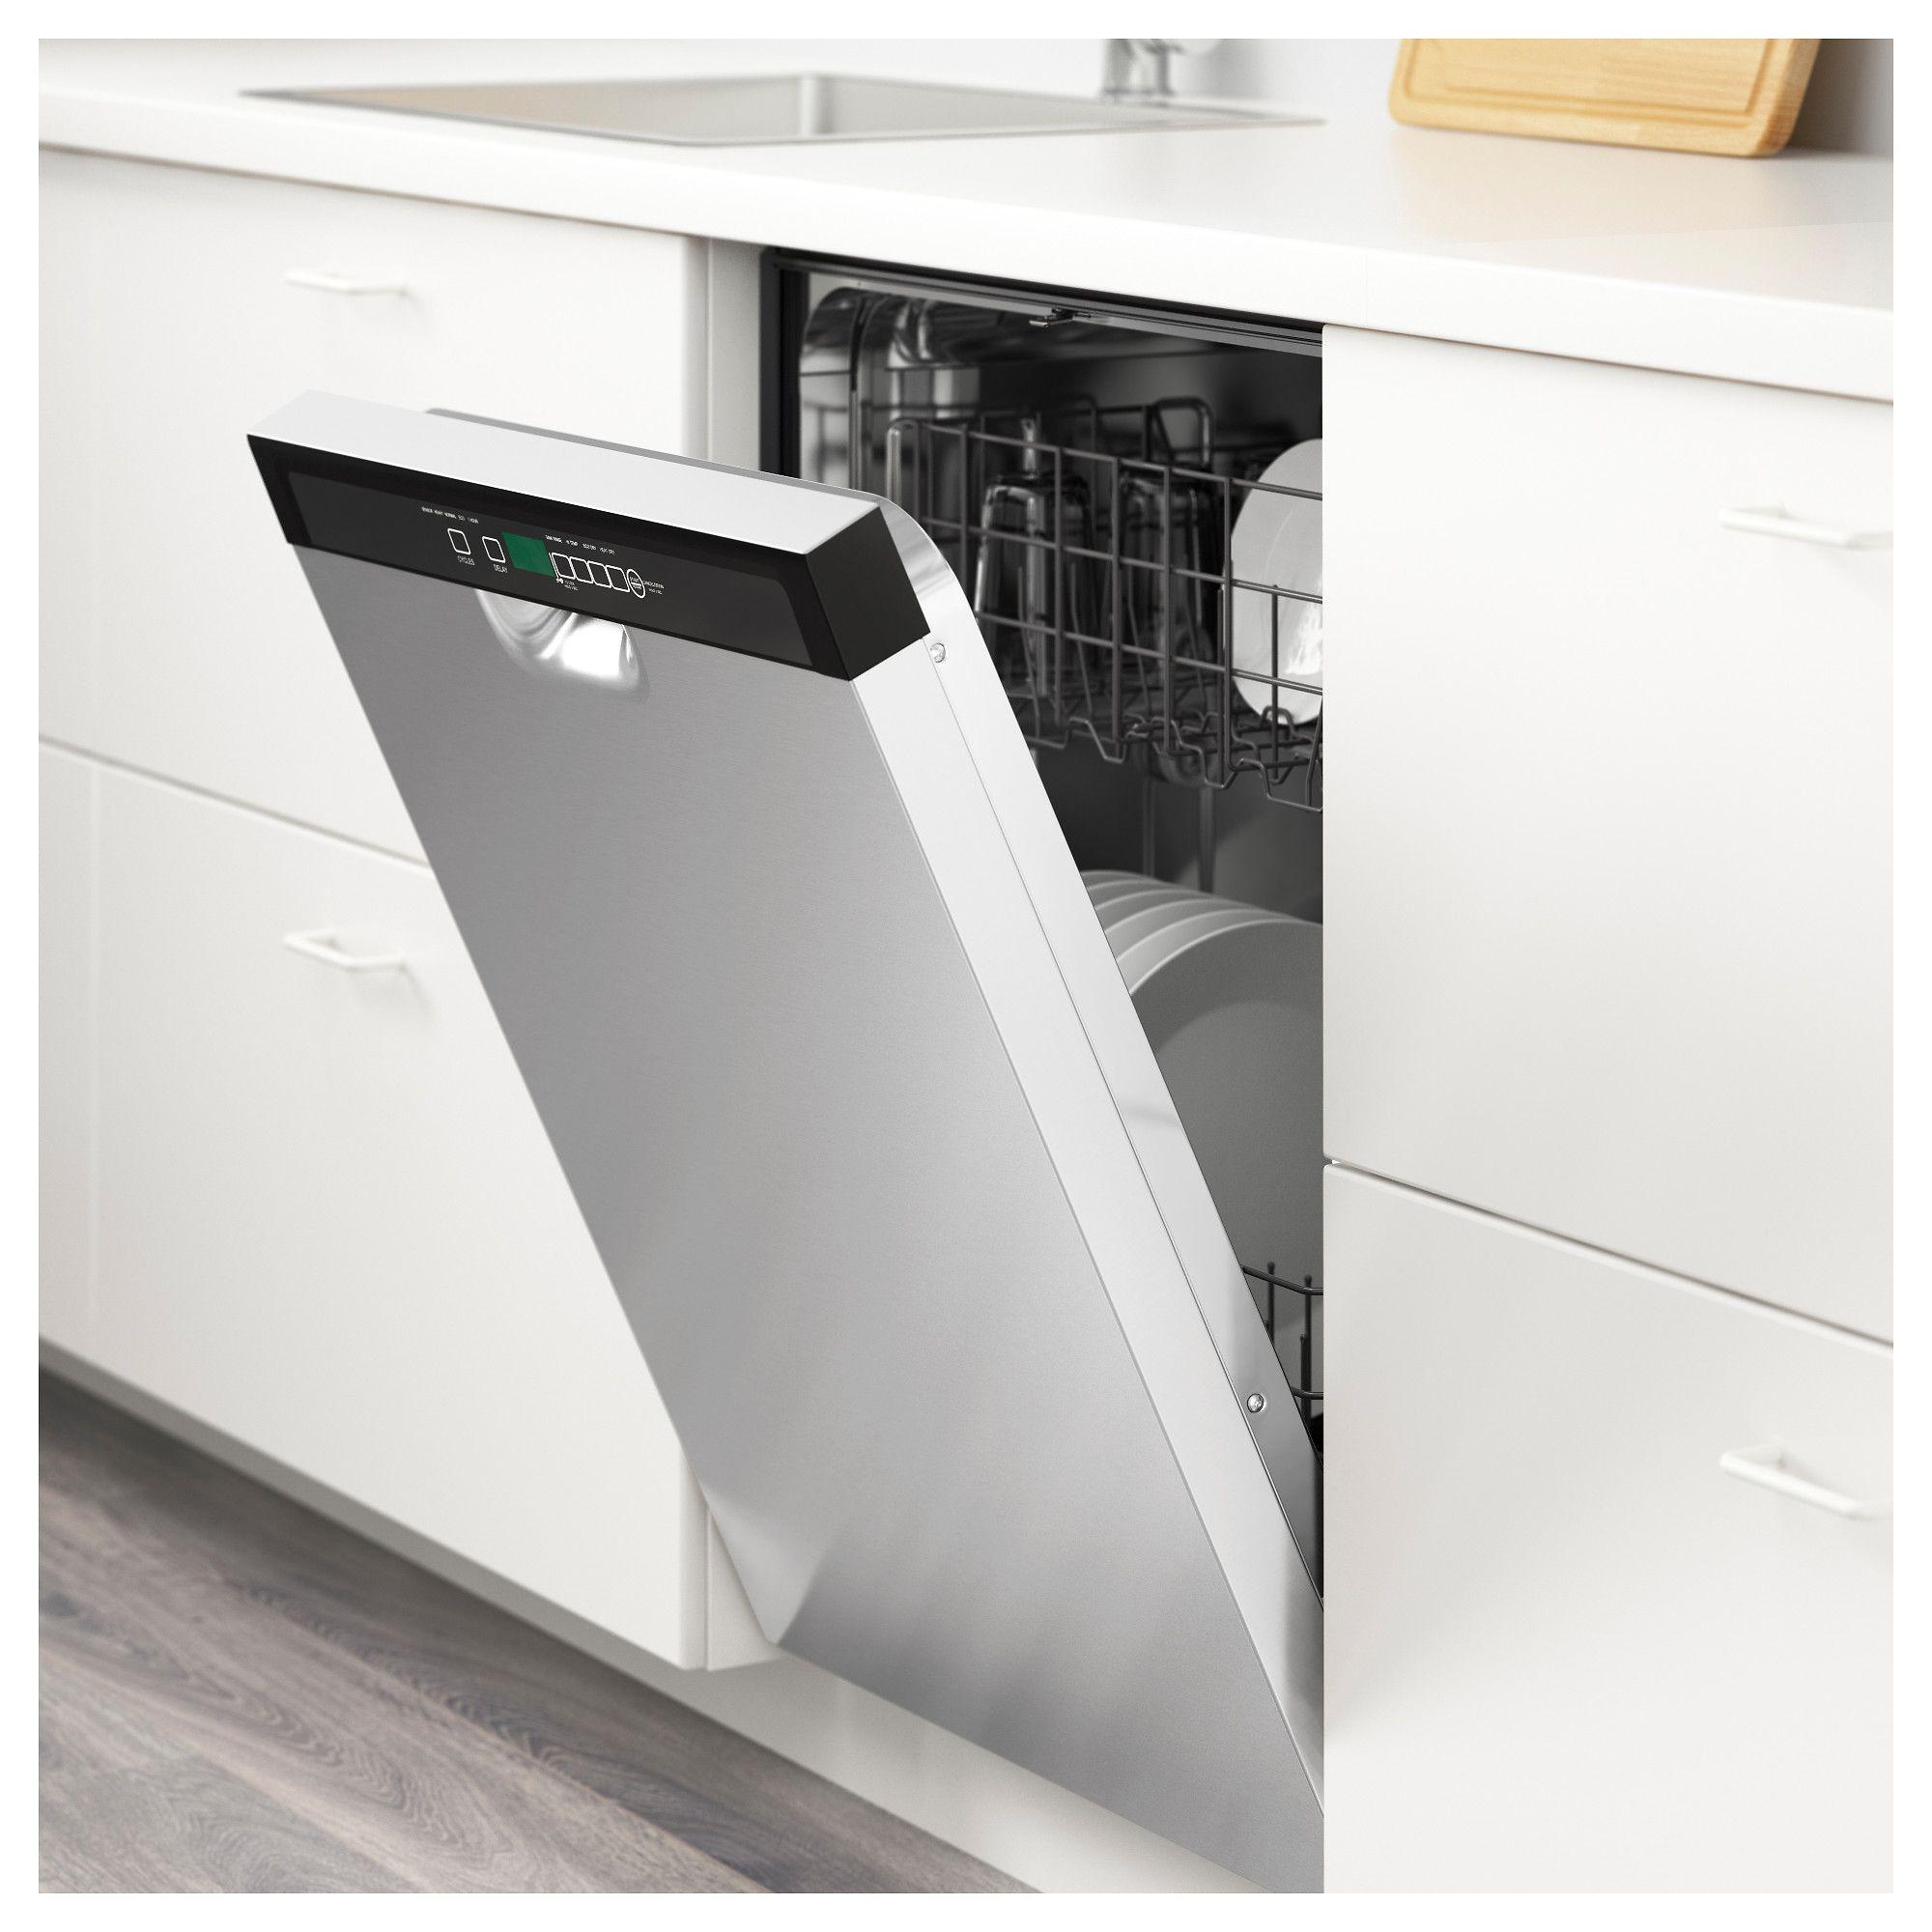 Renlig Built In Dishwasher Stainless Steel Lave Vaisselle Encastrable Lave Vaisselle Rangement Interieur